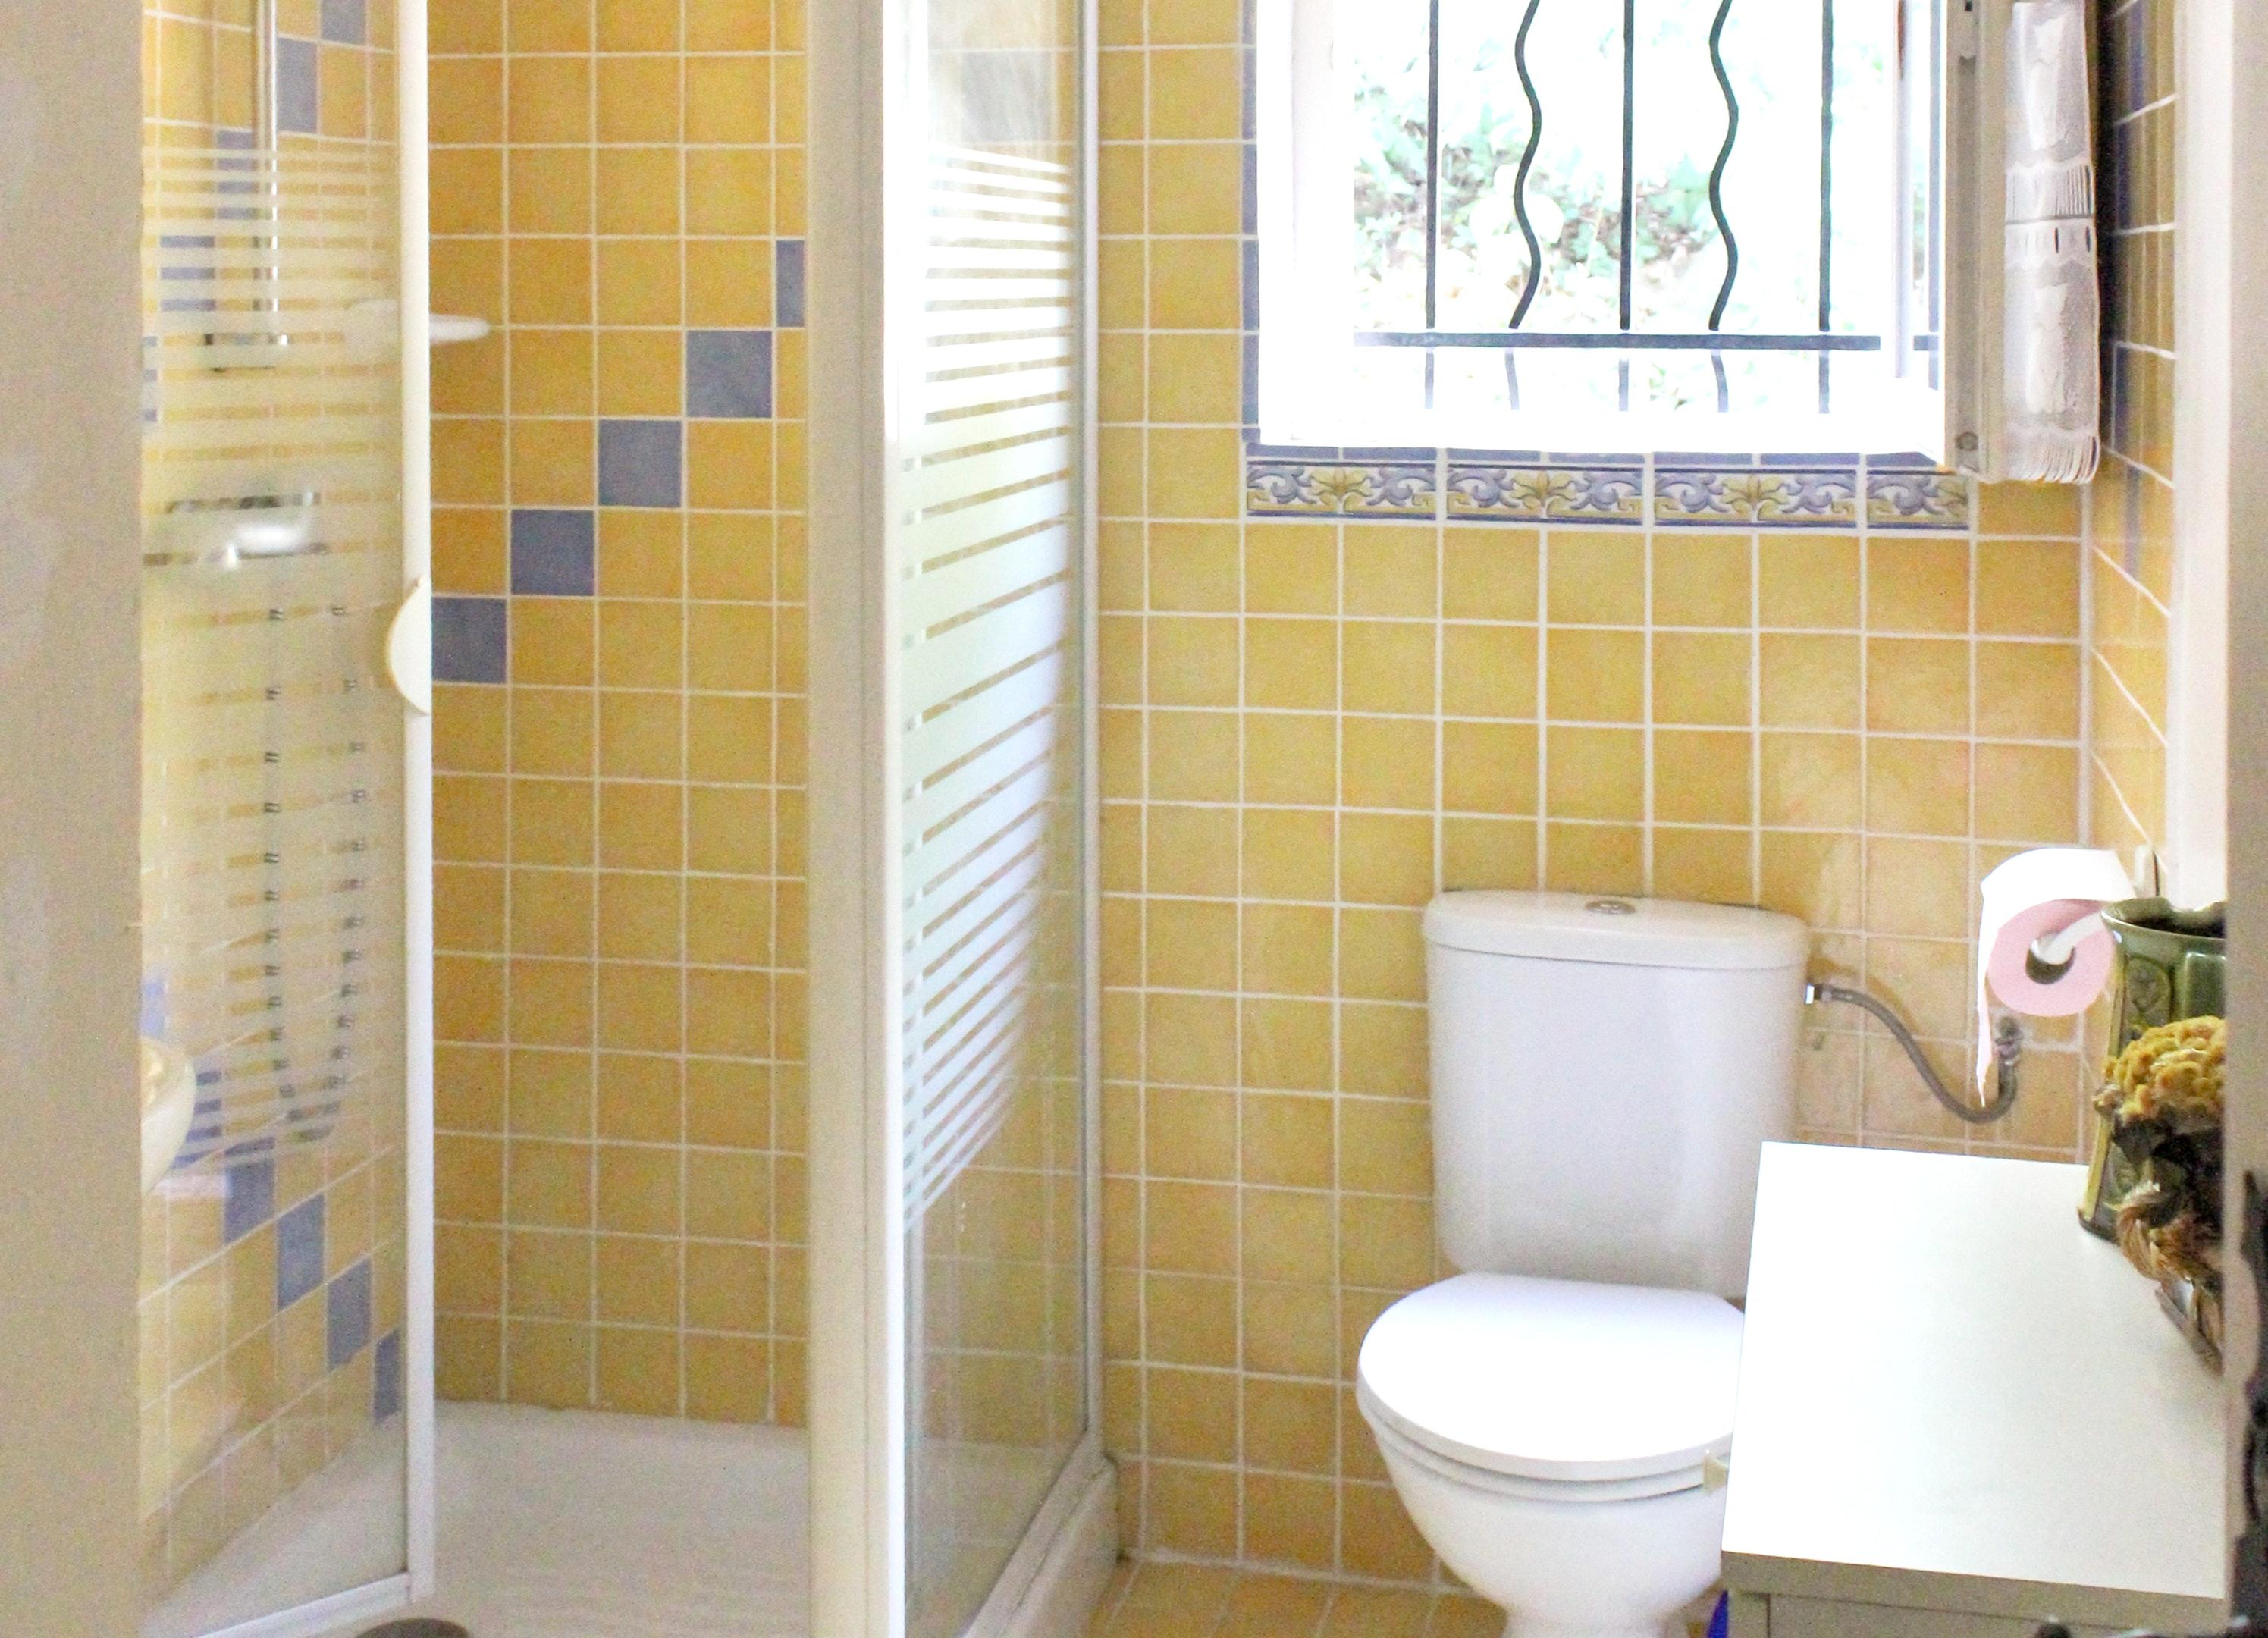 Ferienhaus Villa mit 5 Schlafzimmern in La Croix-Valmer mit privatem Pool, eingezäuntem Garten und W- (2201685), La Croix Valmer, Côte d'Azur, Provence - Alpen - Côte d'Azur, Frankreich, Bild 20